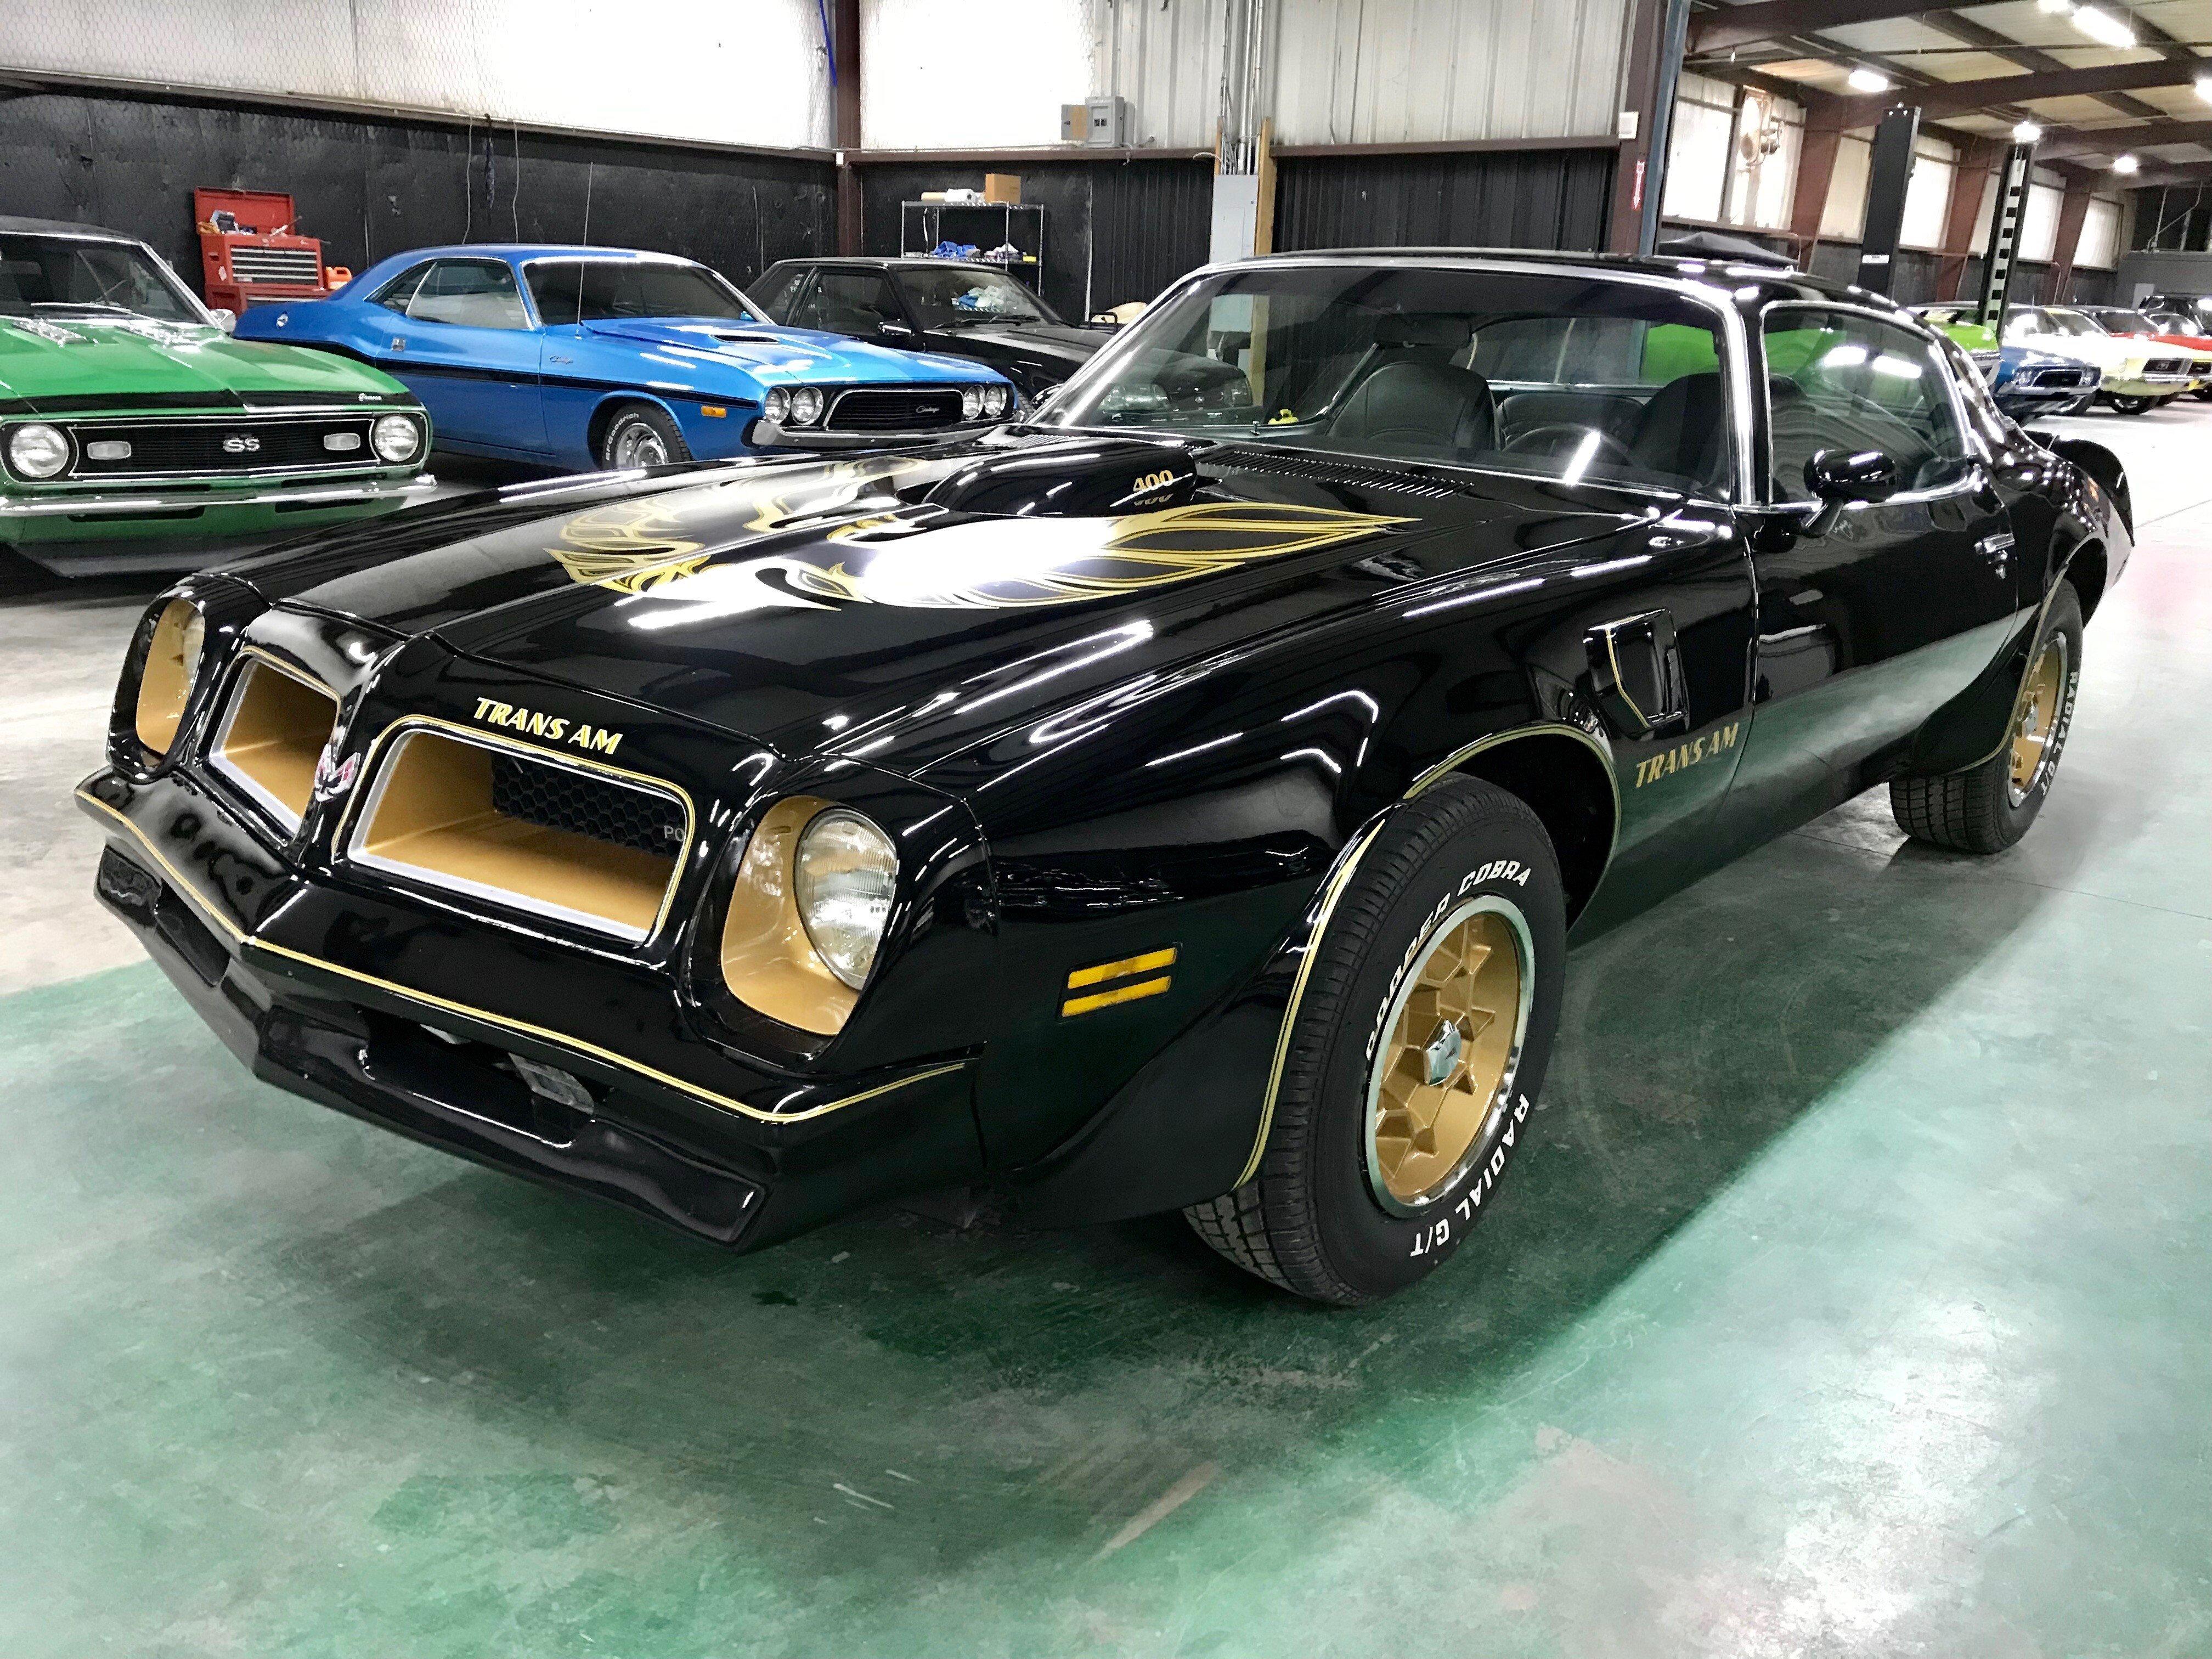 1976 Pontiac Trans Am american classics Car 101057565 a073a3d79c3abc5b8f3f84a0f03dddaa?w=800&h=800&r=fit pontiac trans am classics for sale classics on autotrader